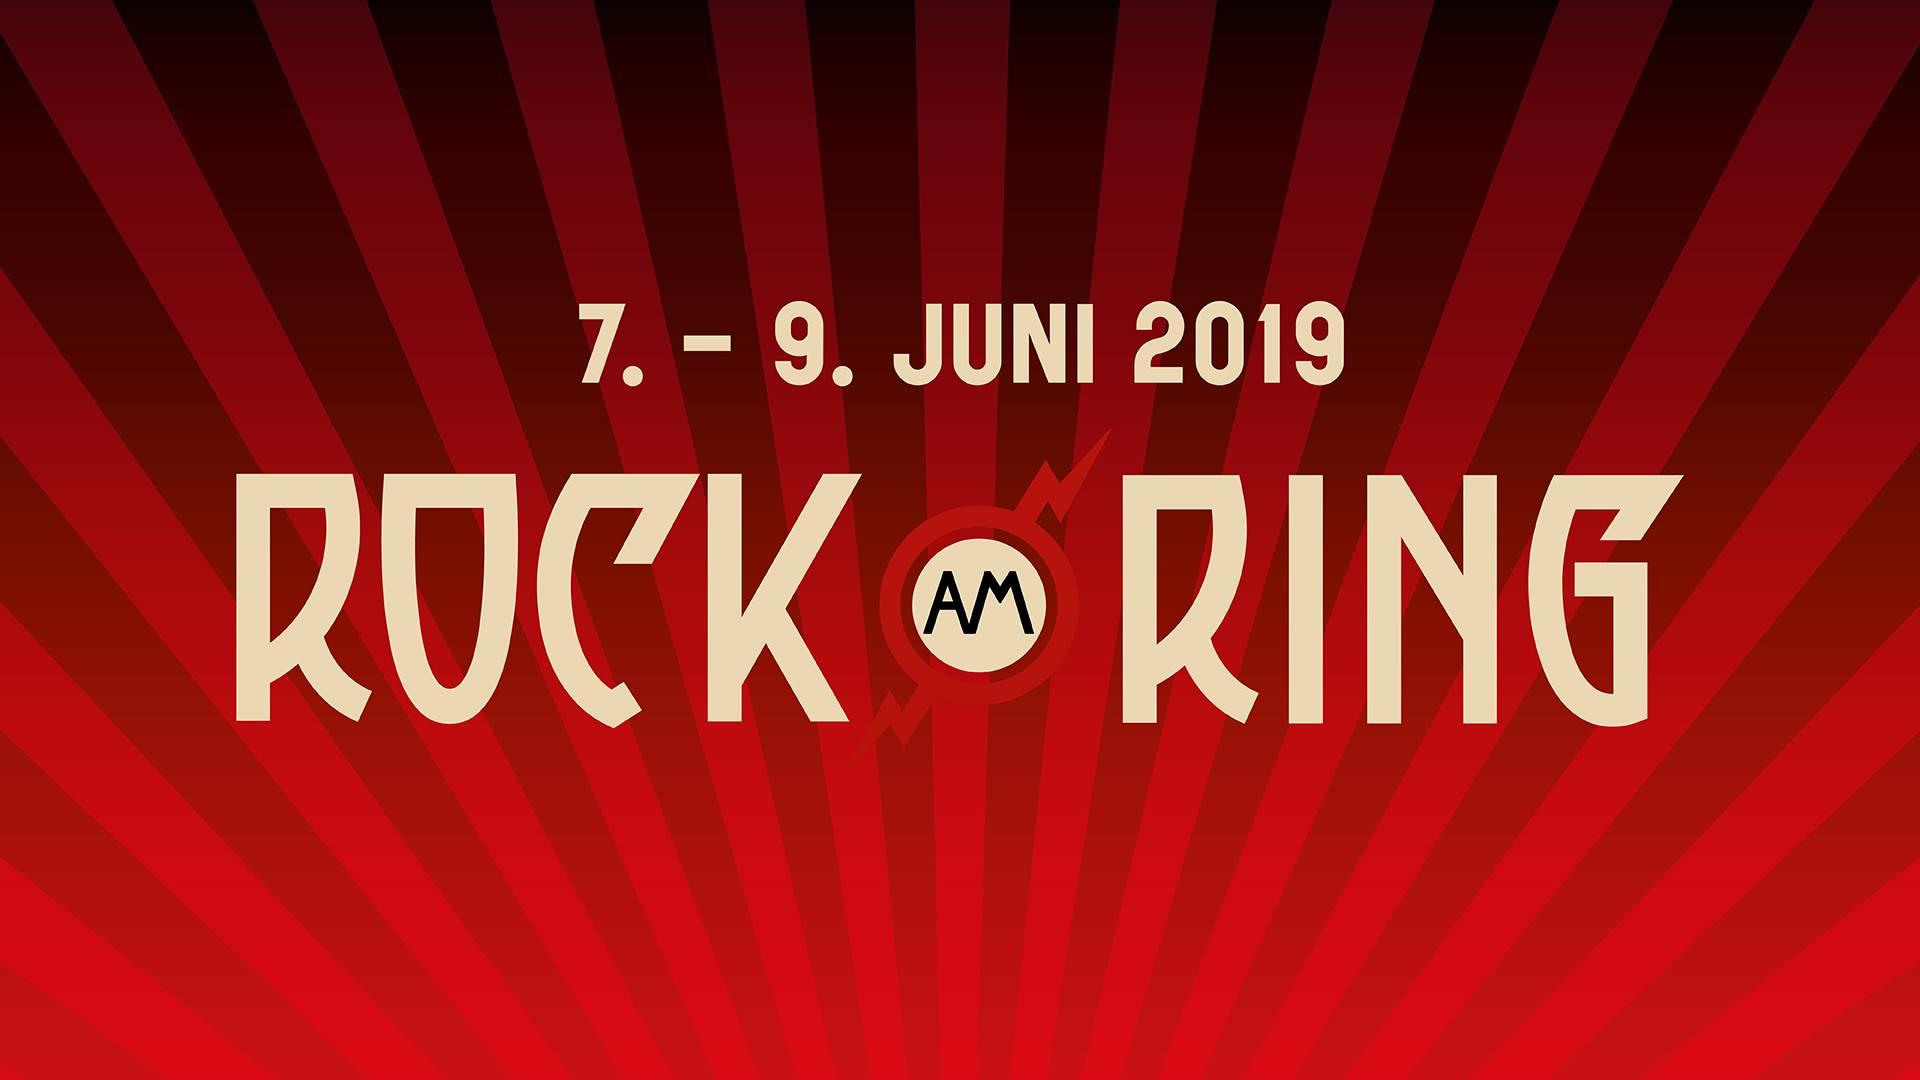 Rock Am Ring Livestream Magenta